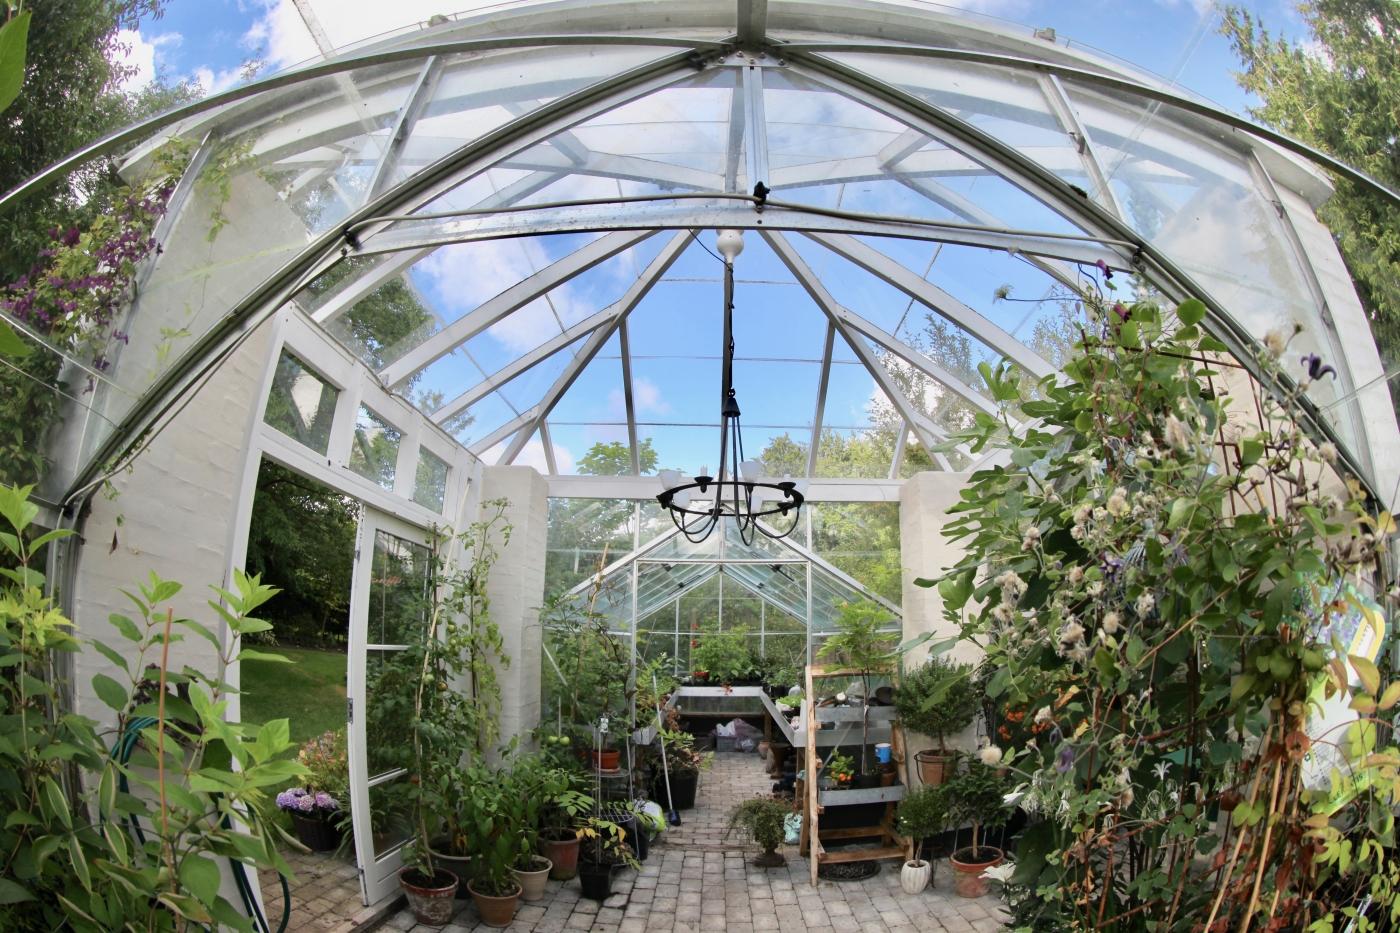 Opdateret Er der forskel på et orangeri og et drivhus? - Drivhusklubben.dk WQ17